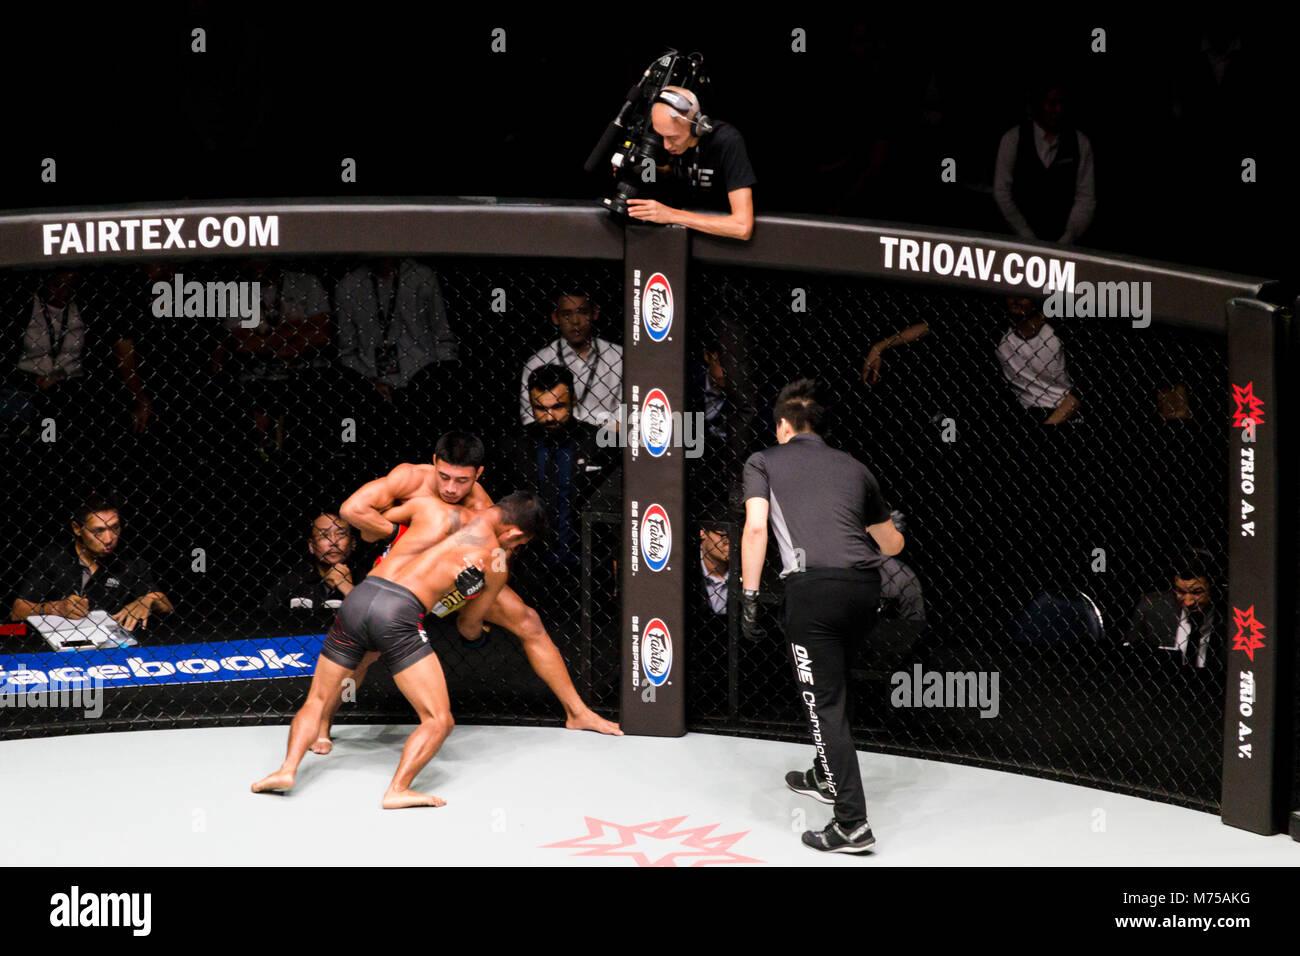 Bangkok, Tailandia. - Enero 17, 2018 : boxeadores no identificados están luchando en anillo jaula extreme sport Mixed Martial Arts (MMA) coinciden en un campeonato Foto de stock